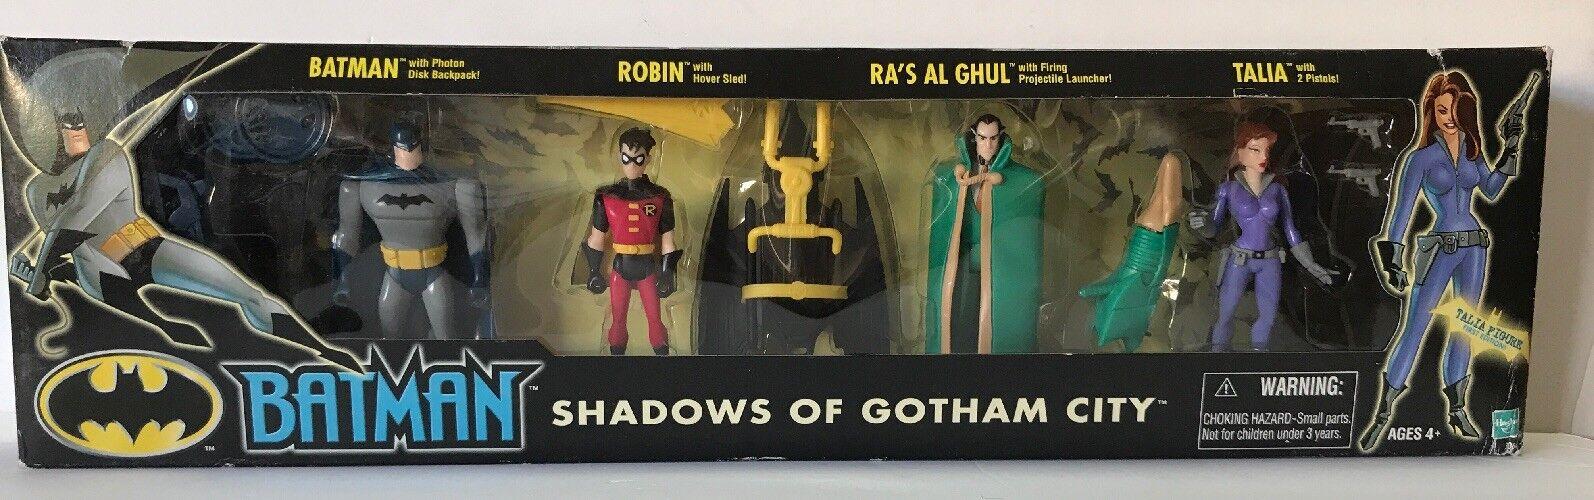 Batman der animierten serie schatten von gotham city hat toys r us ohne taiia 2001